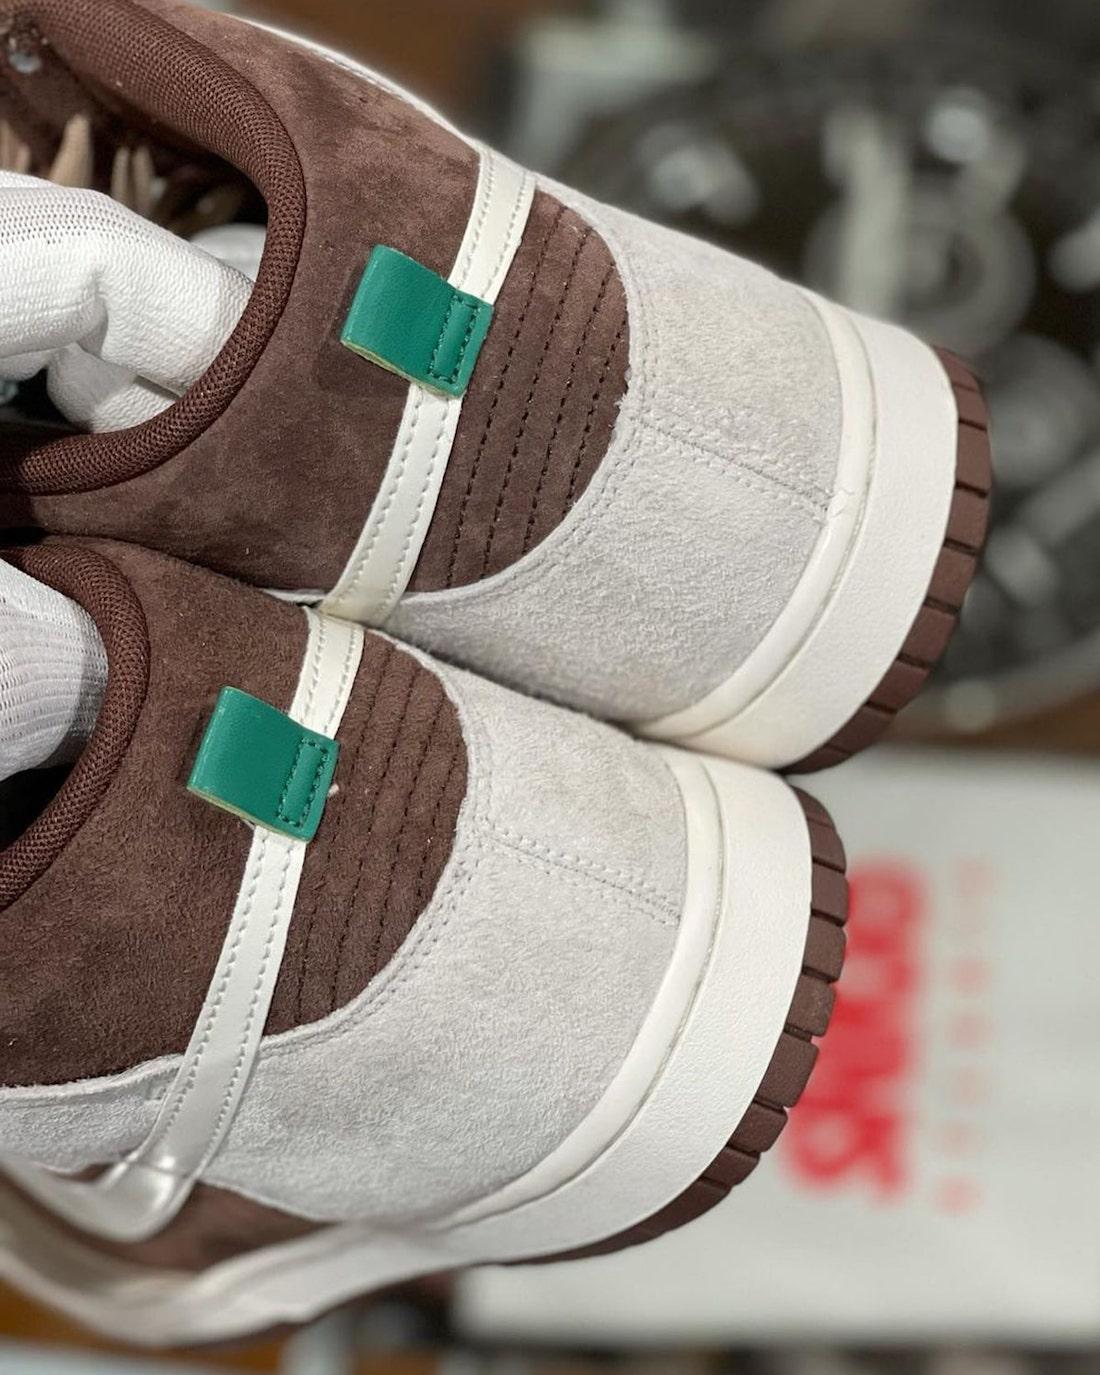 巧克力,配色,加持,今年,Dunk,依旧,有着,超高,  巧克力配色加持!Nike Dunk Hi 最新实物曝光!